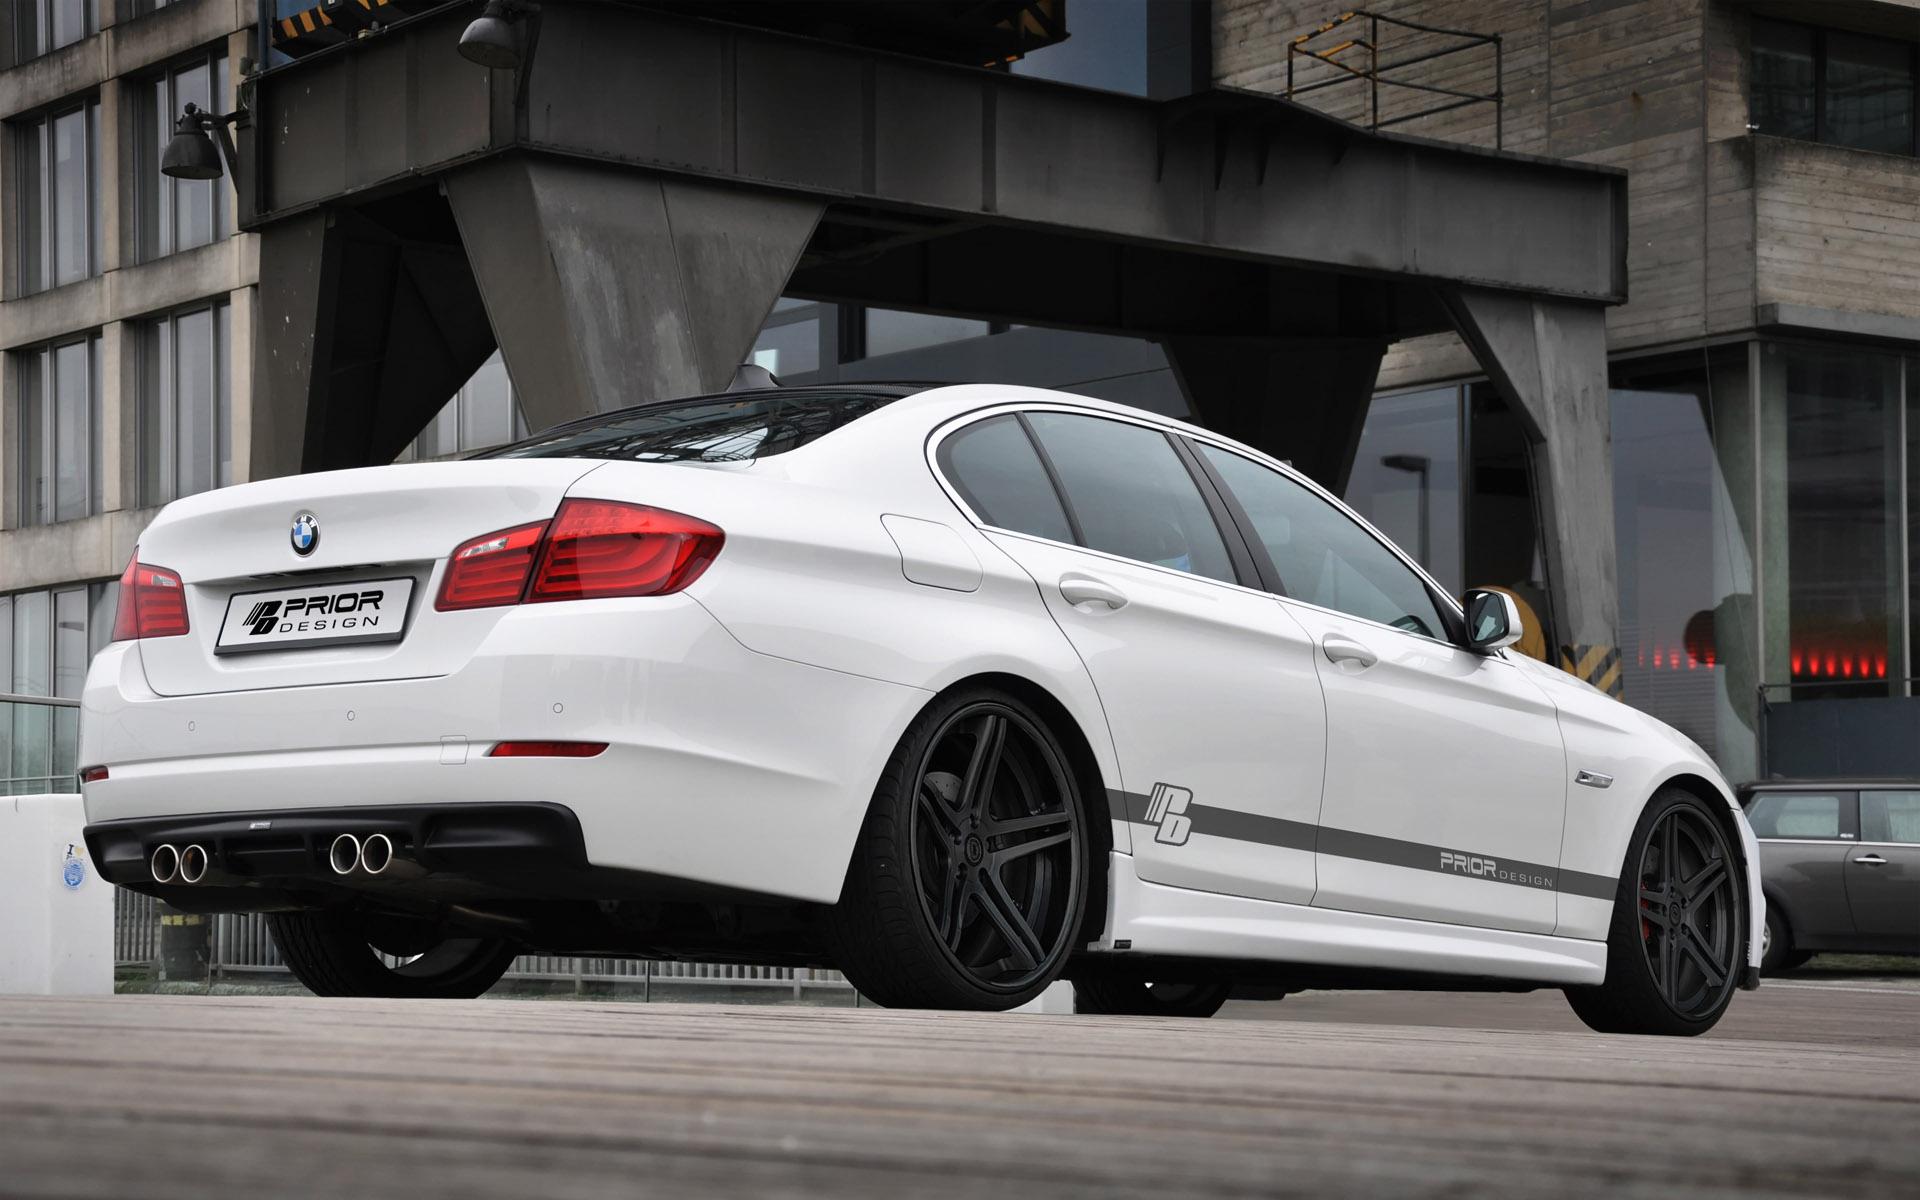 http://www.automobilesreview.com/img/2012-prior-design-bmw-5-series-f10-pd-r/prior-design-5-series-f10-pd-r-12.jpg